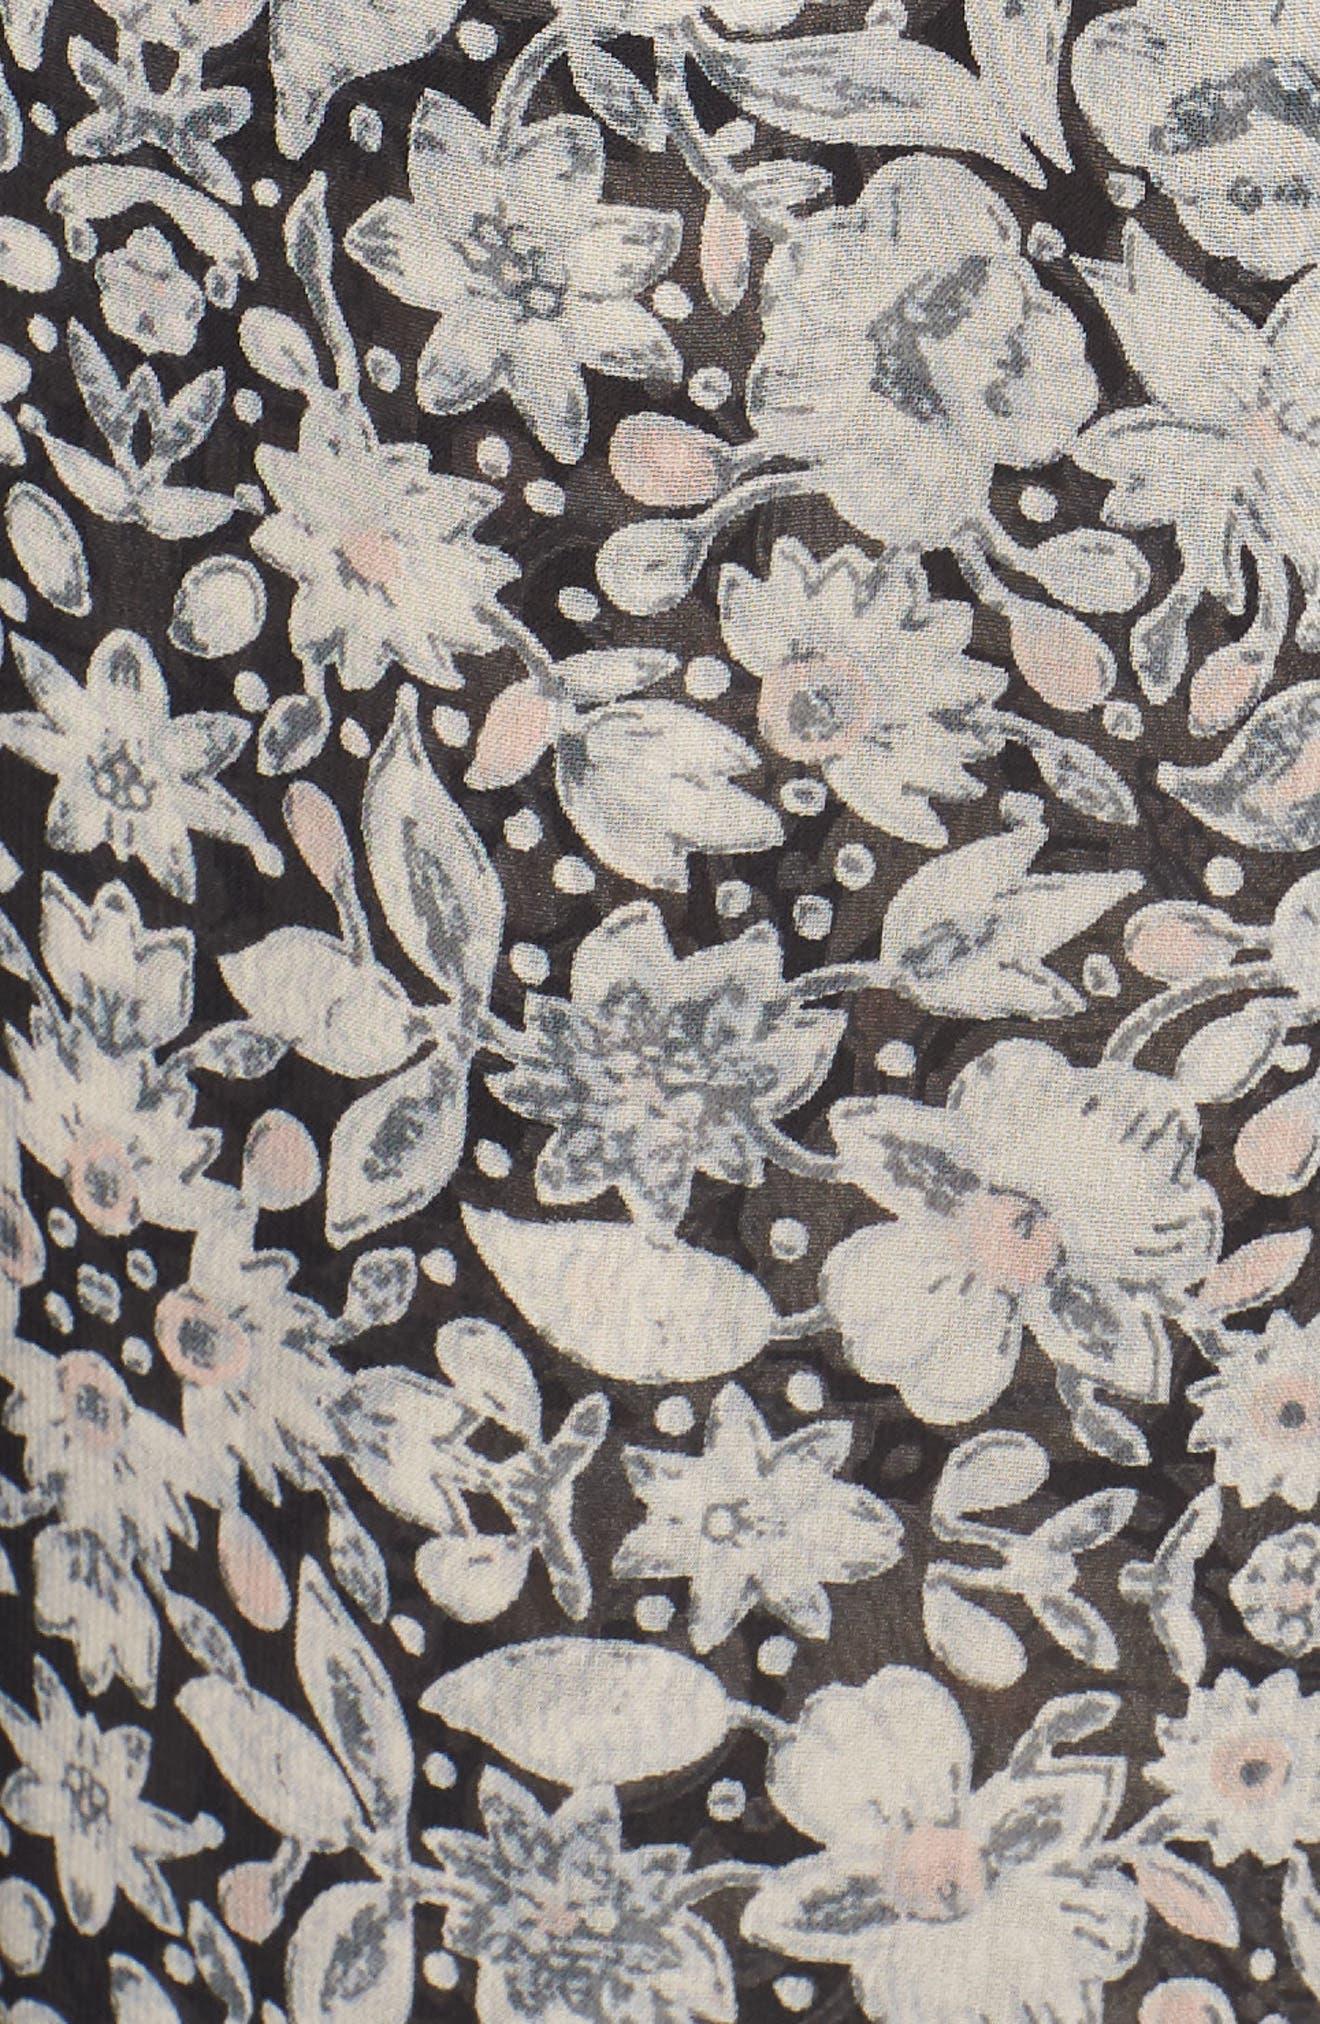 Dominik Floral Peasant Top,                             Alternate thumbnail 6, color,                             020